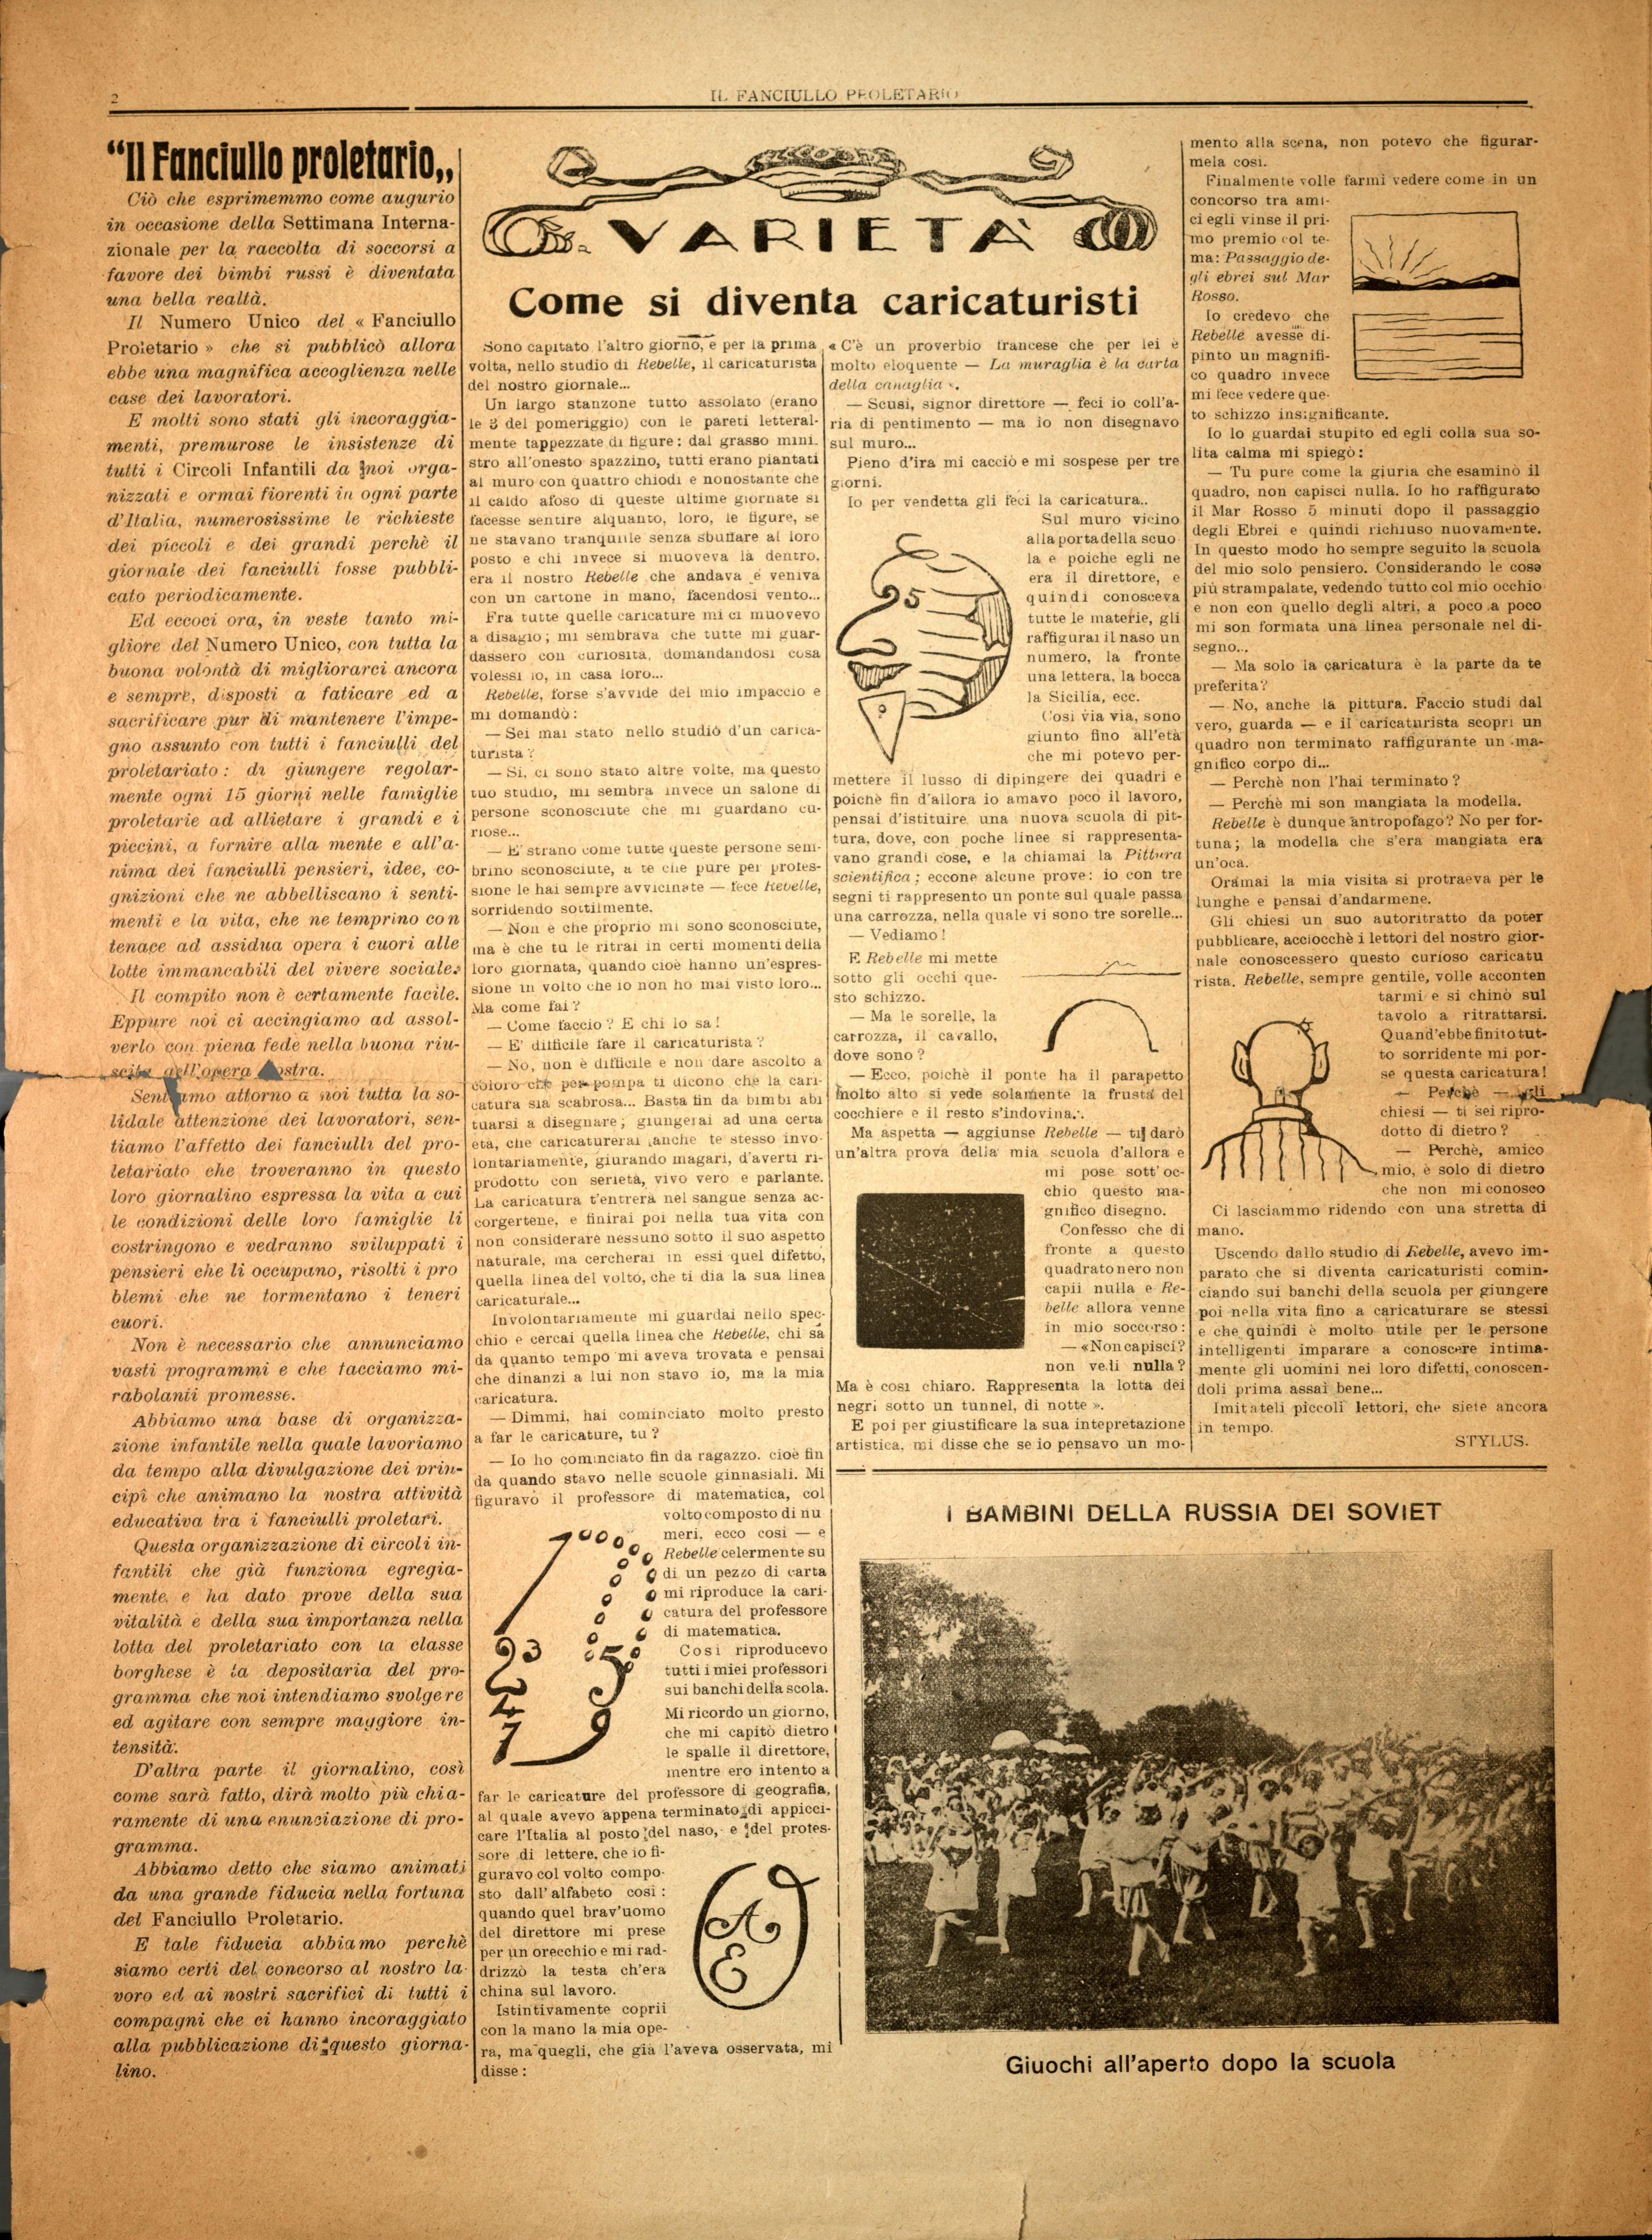 Il Fanciullo Proletario n. 1 (settembre 1922) - pag. 2